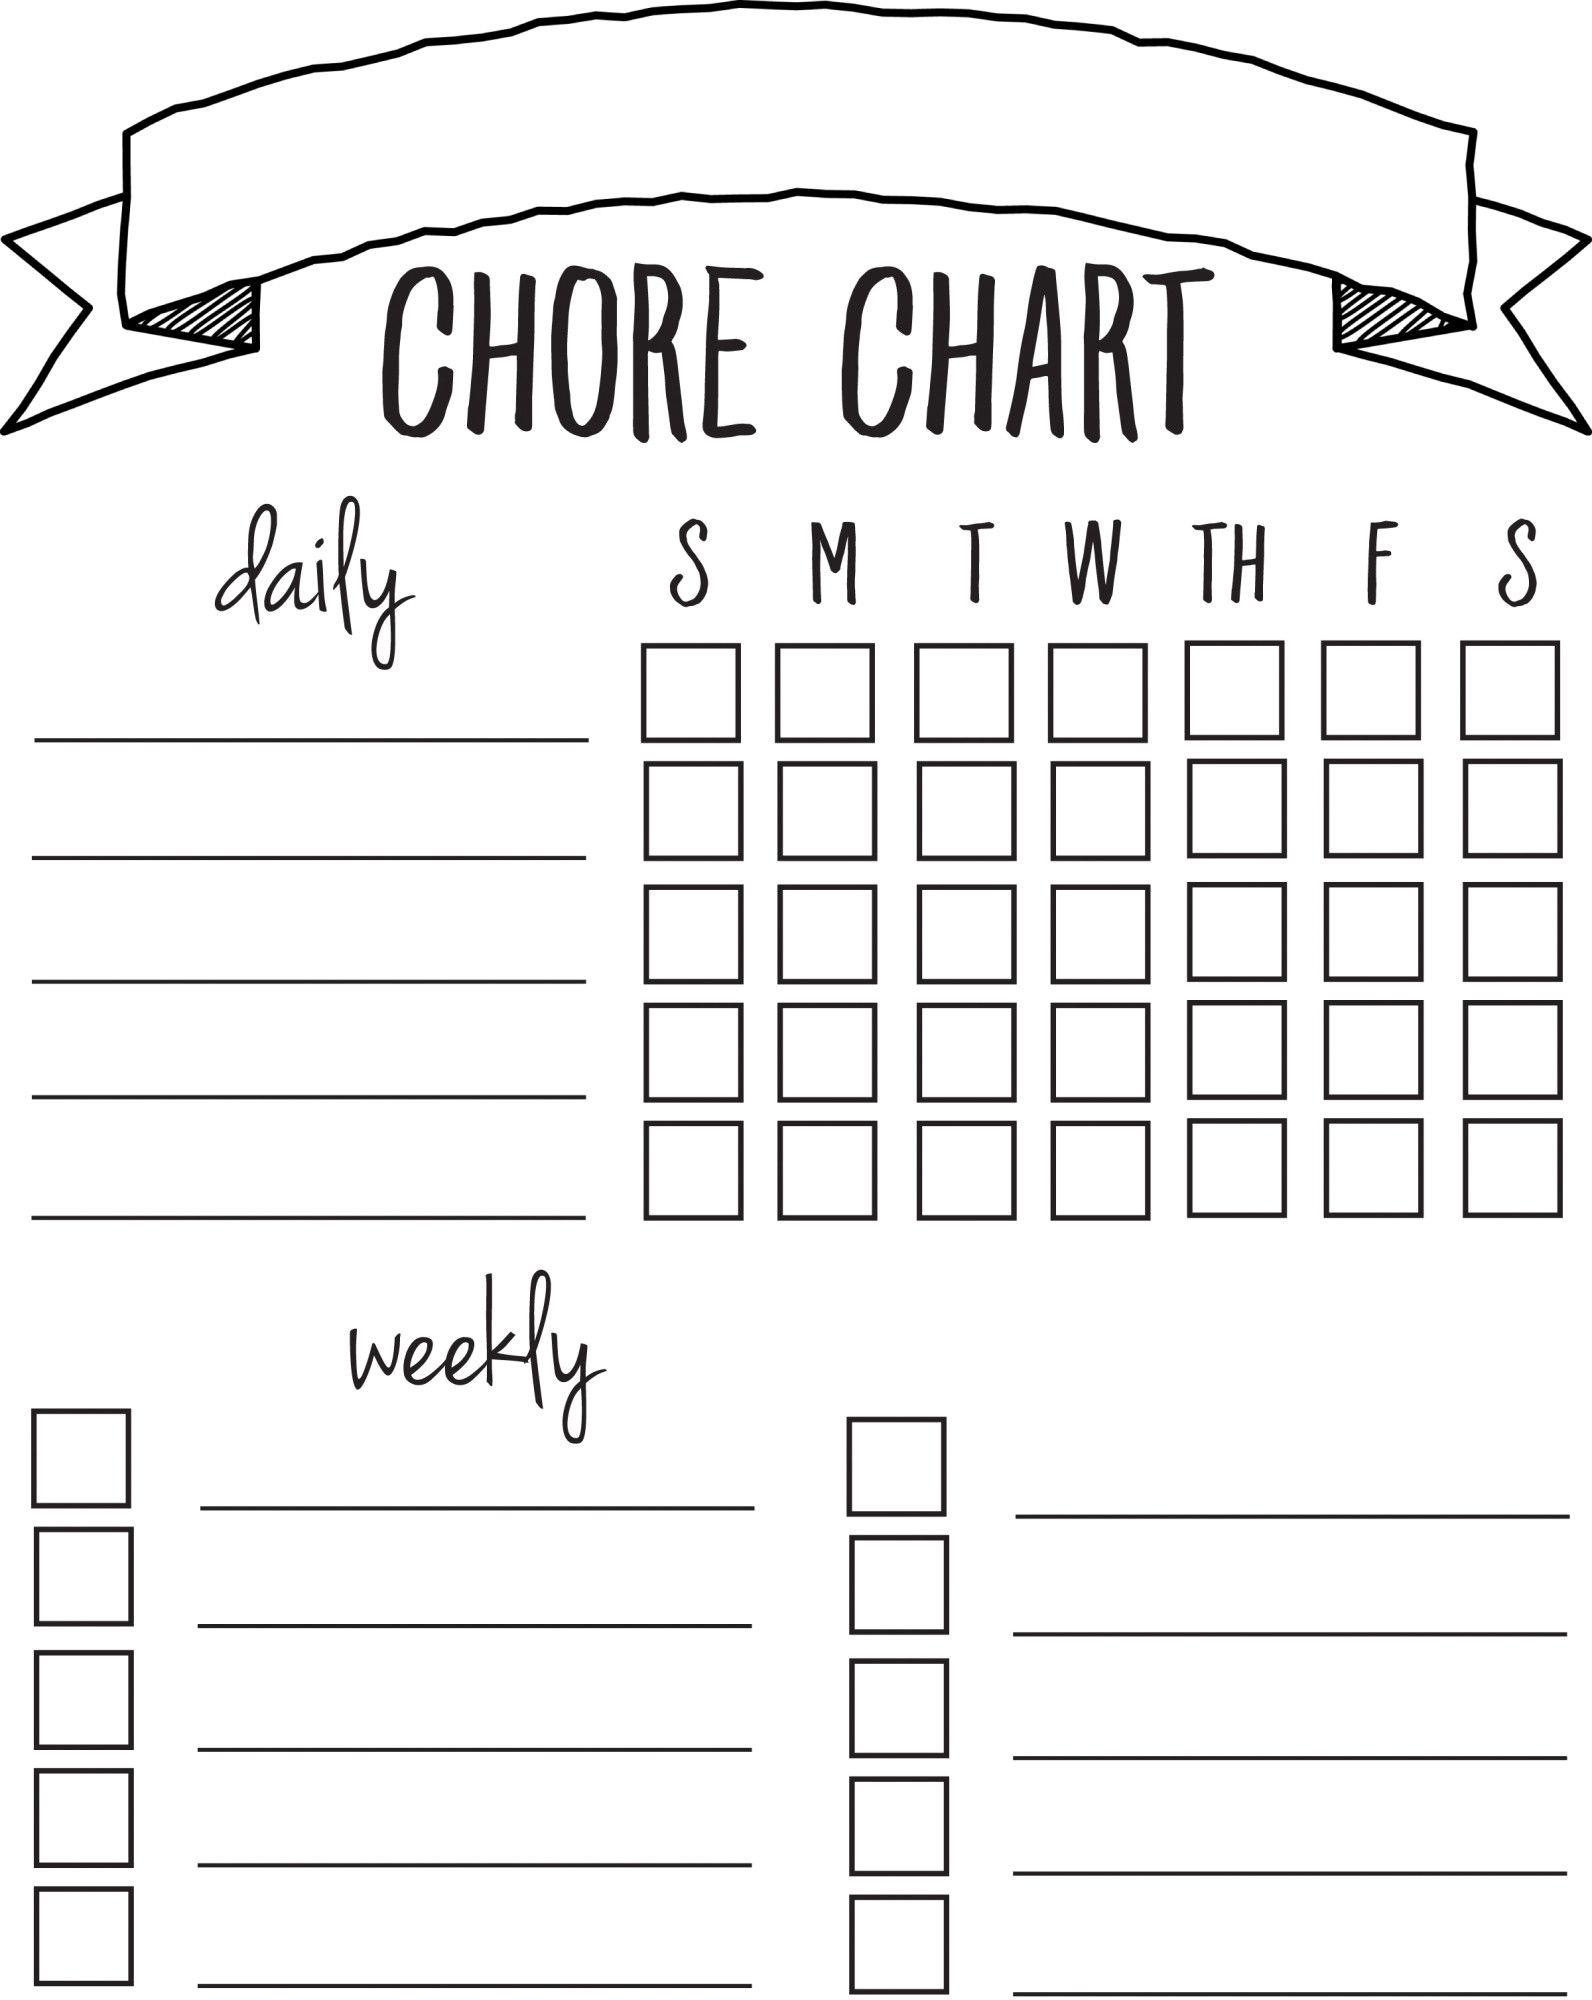 Diy Printable Chore Chart | Free Printables Nov/feb | Pinterest - Free Printable Chore List